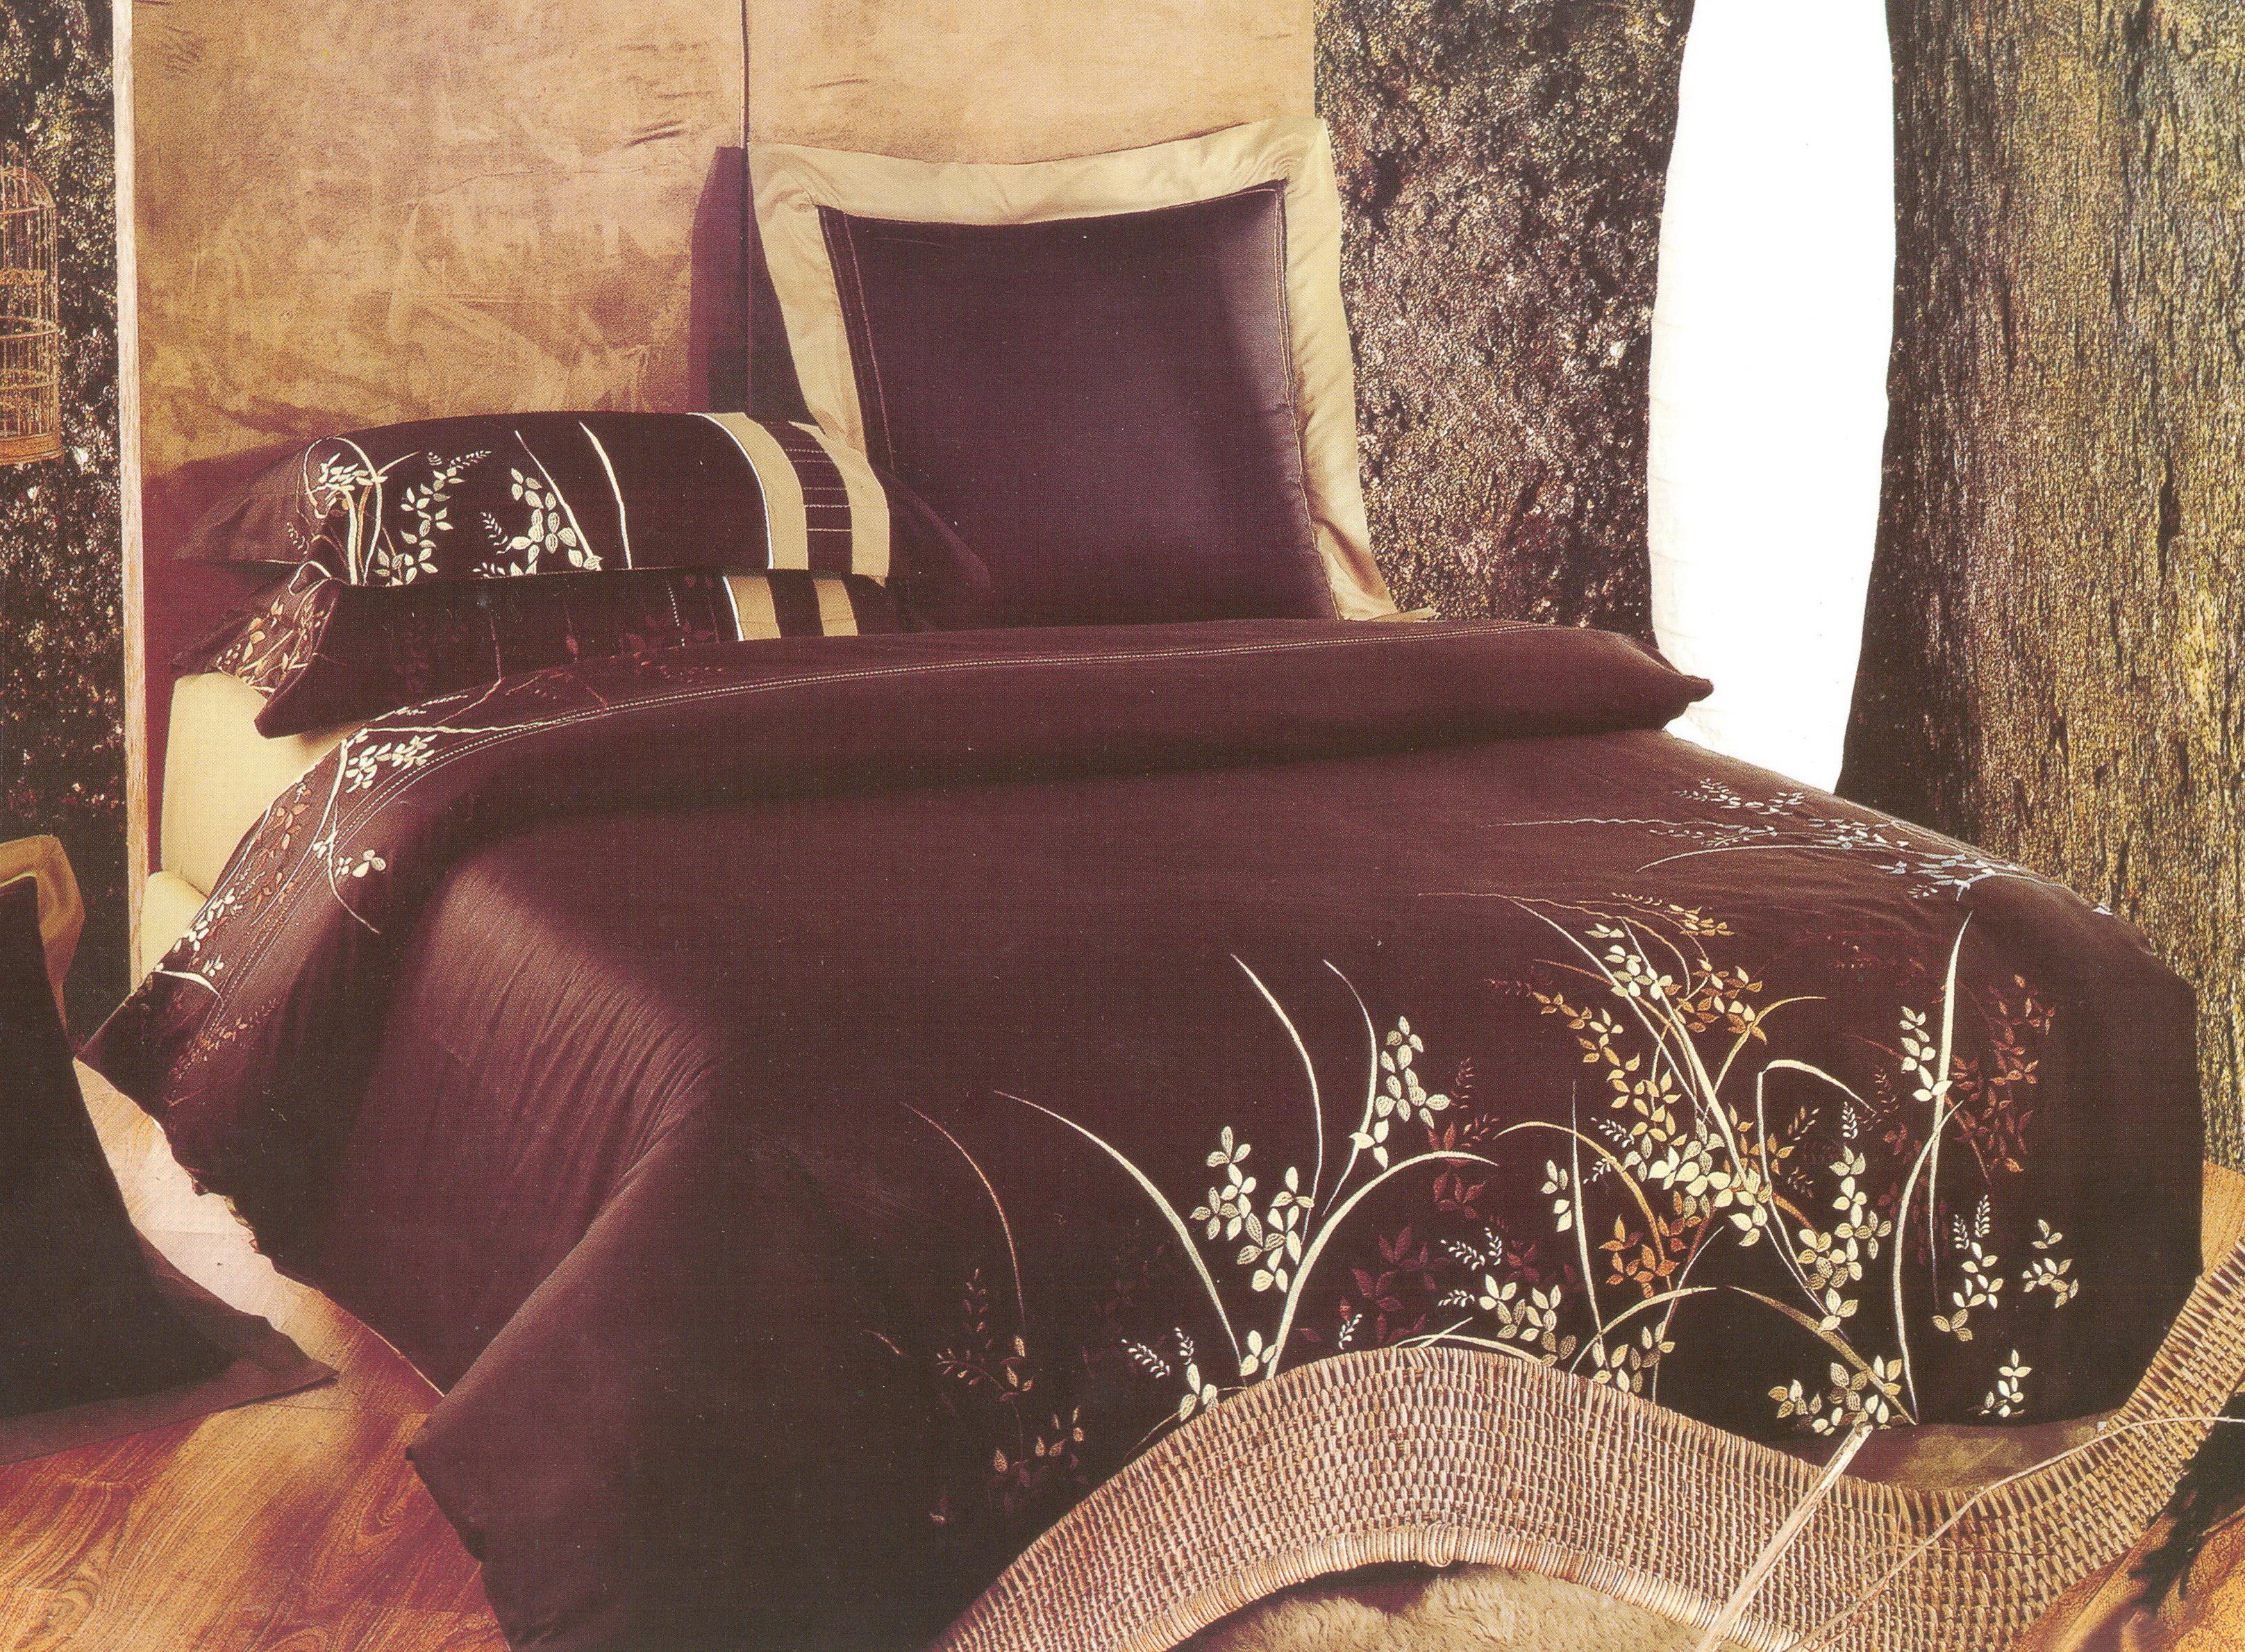 Купить Комплекты постельного белья СайлиД, Постельное белье Paloma D-32 (2 сп. евро), Китай, Коричневый, Черный, Хлопковый сатин